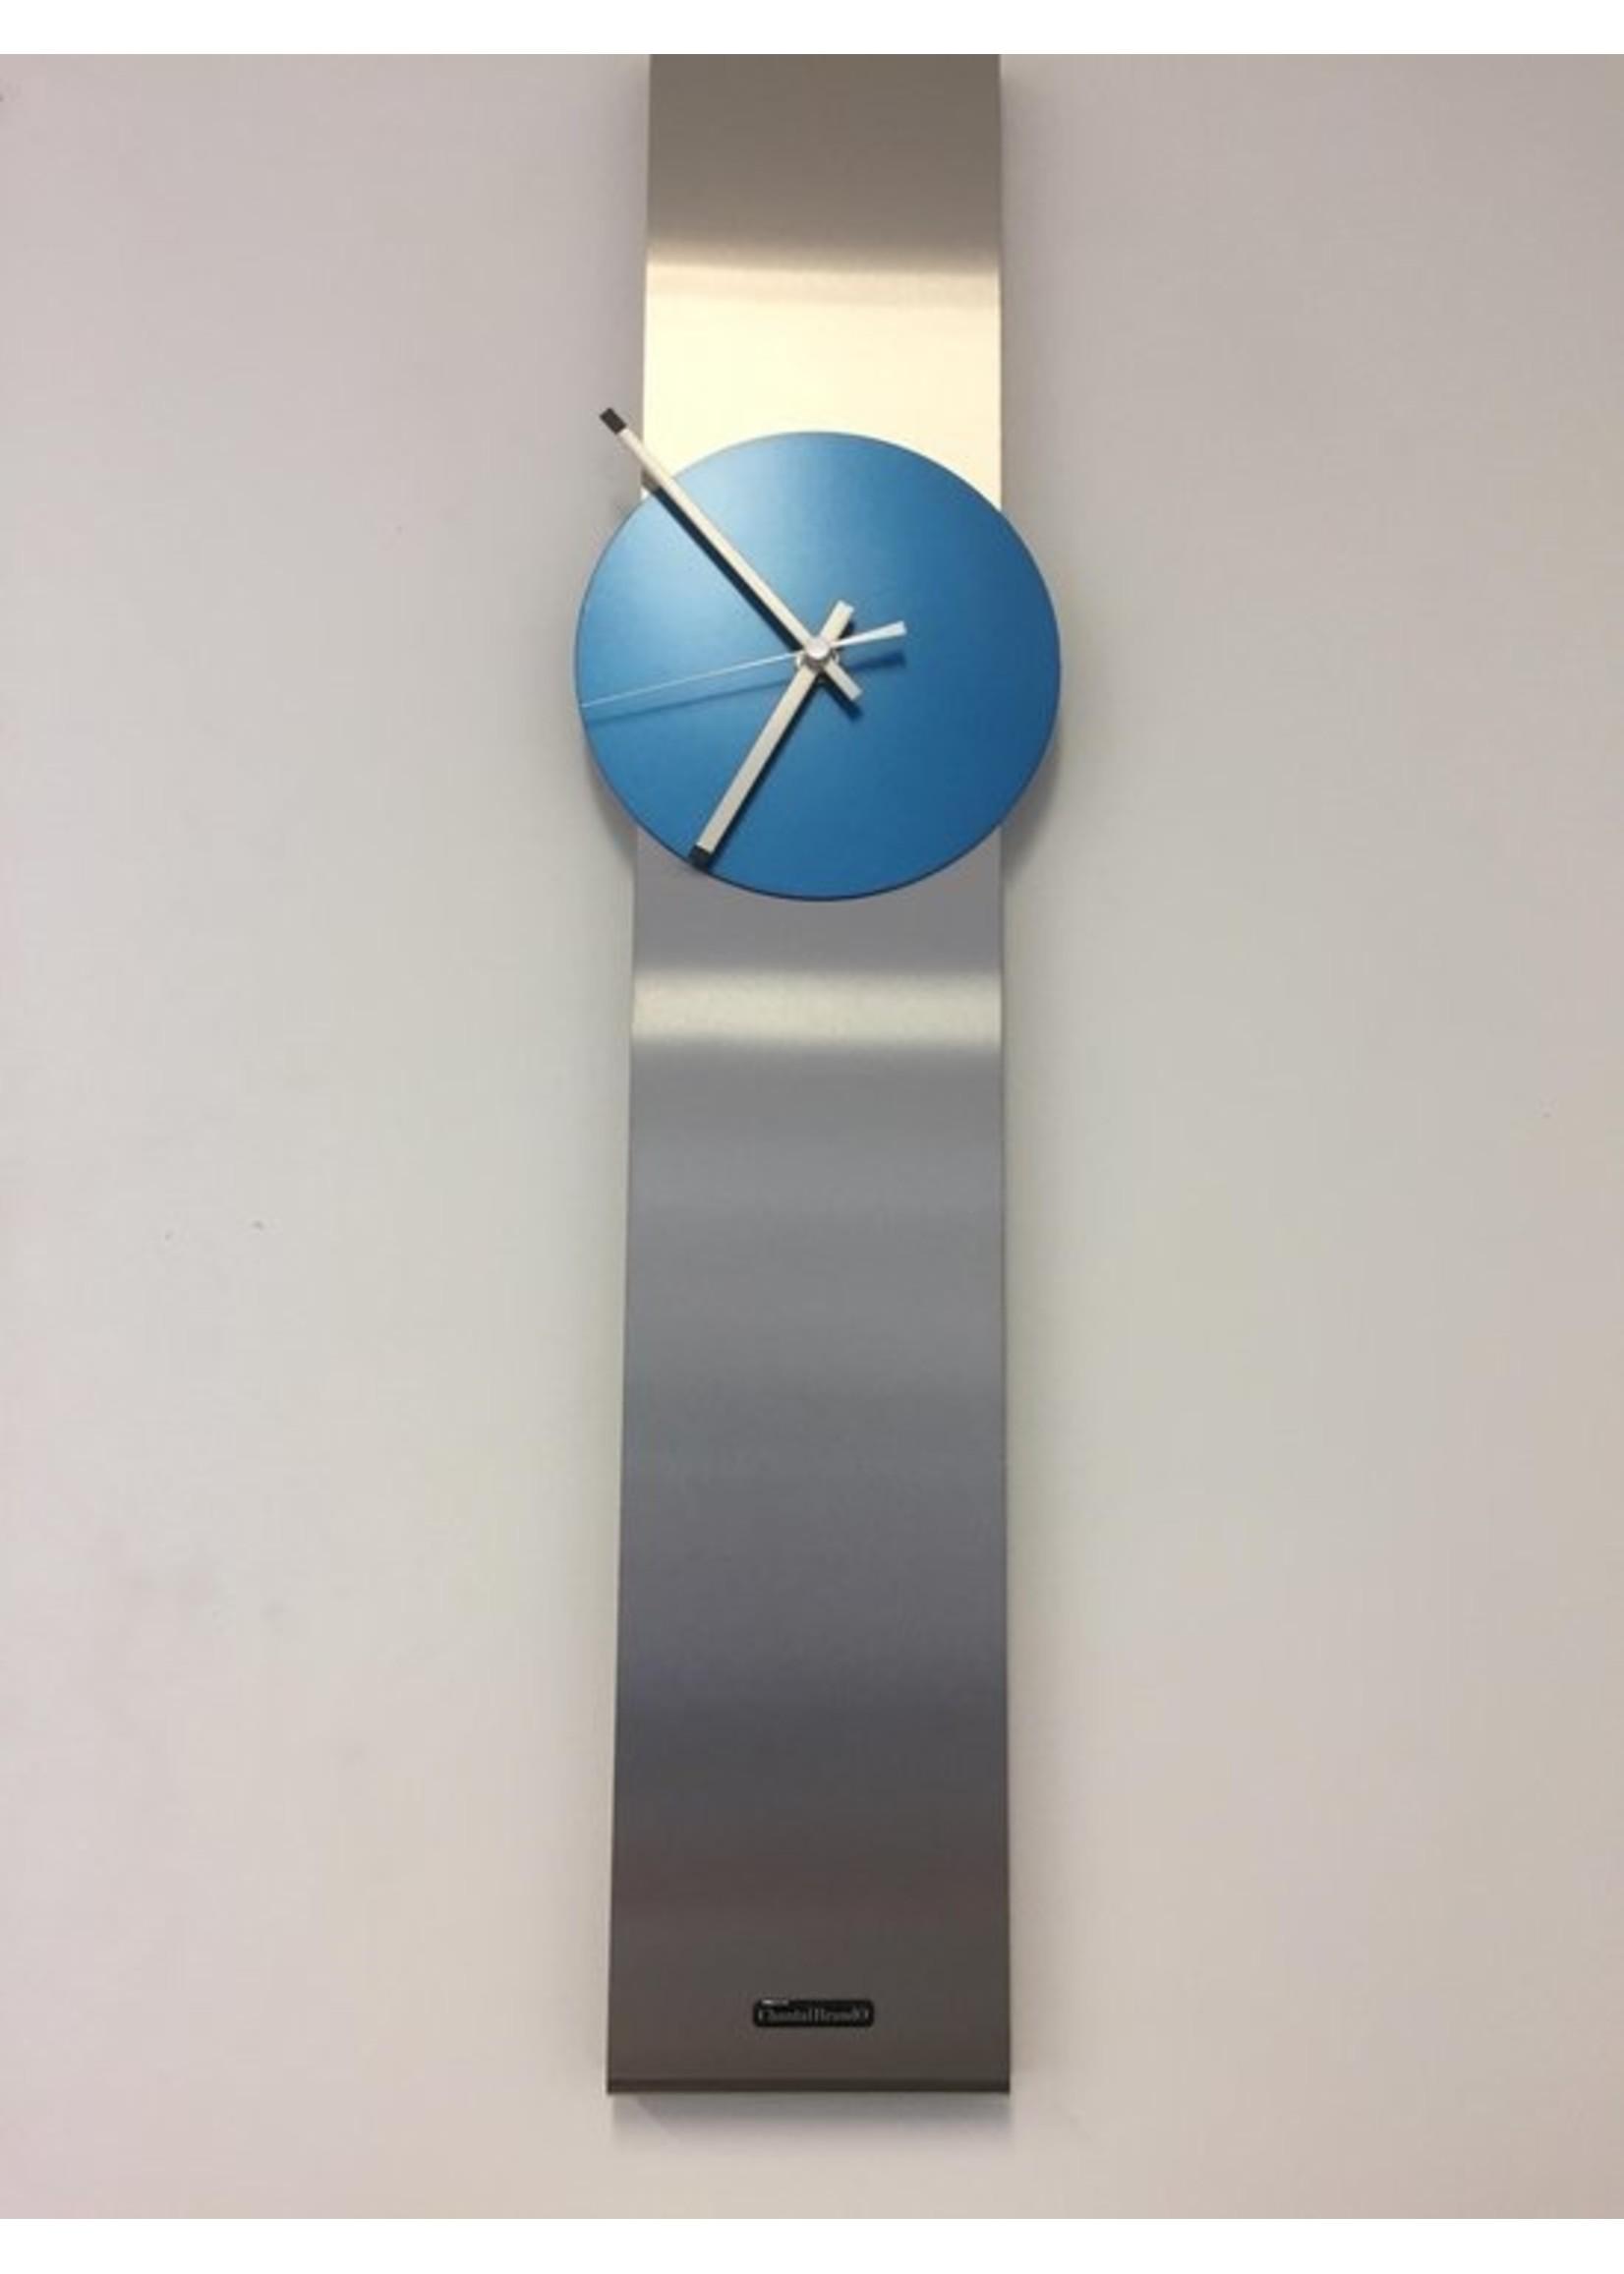 ChantalBrandO WANDKLOK OBELISK ARTIC BLUE DUTCH DESIGN